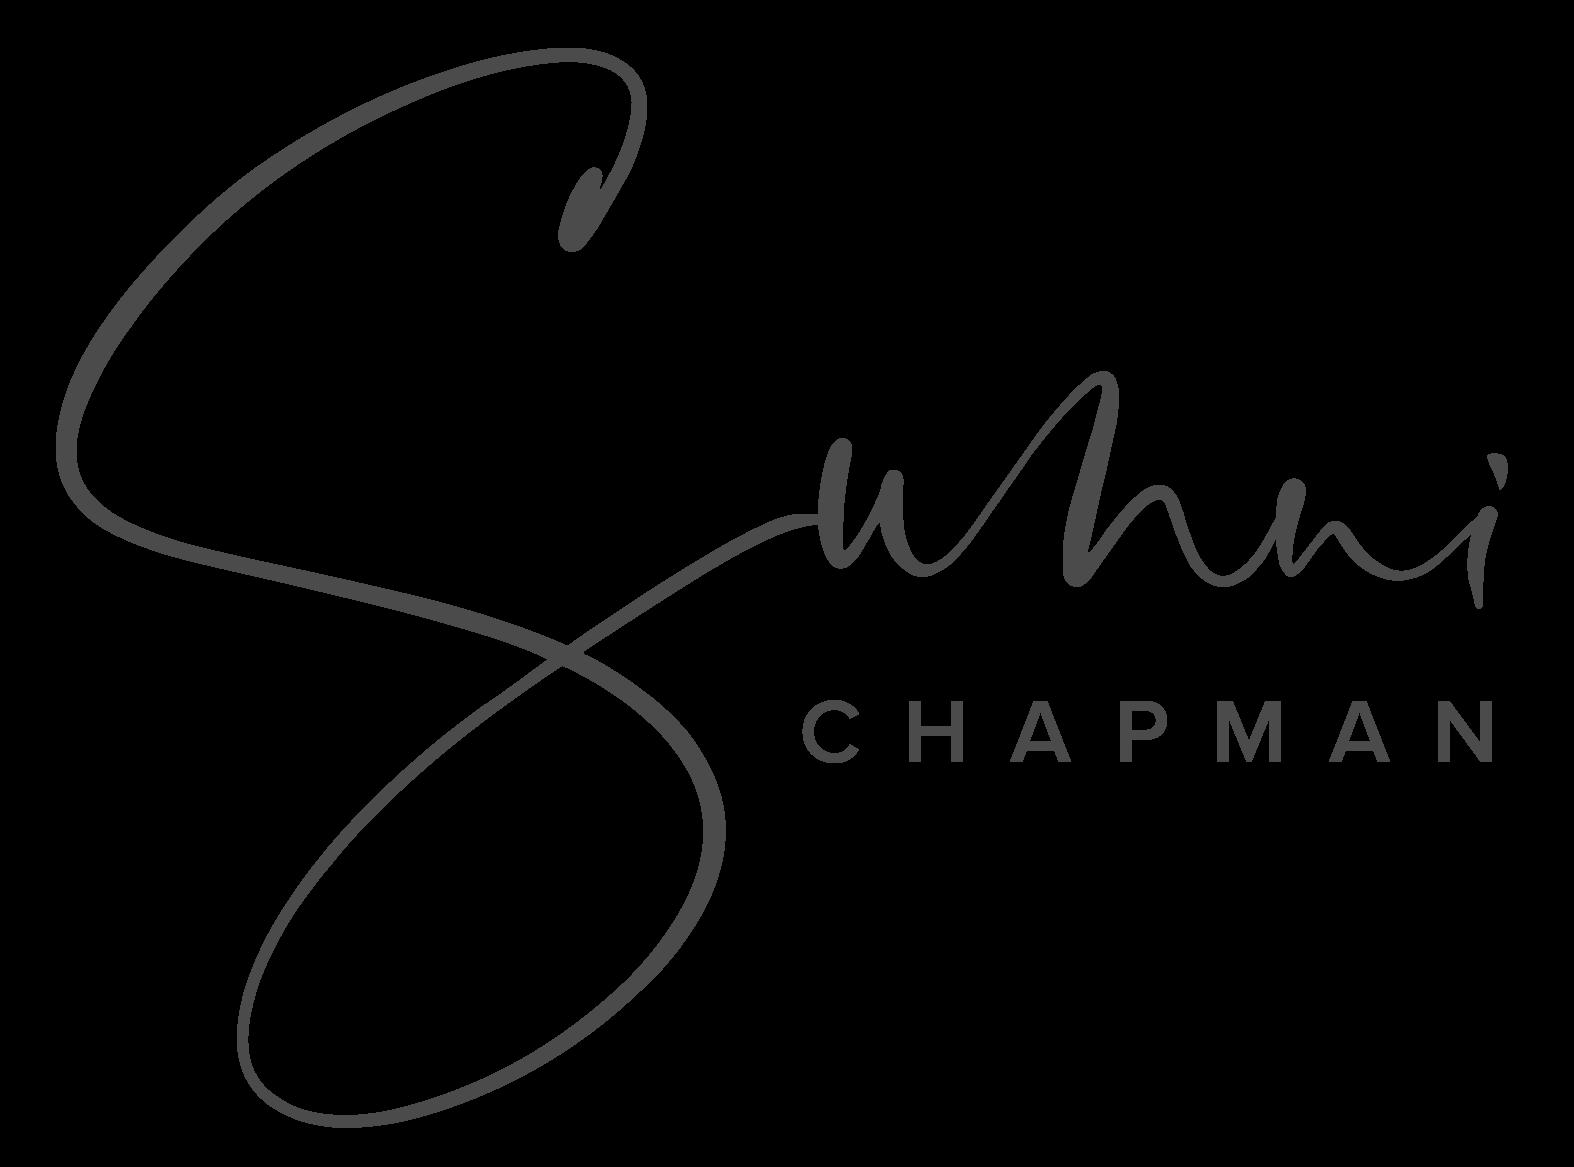 Sunni Chapman